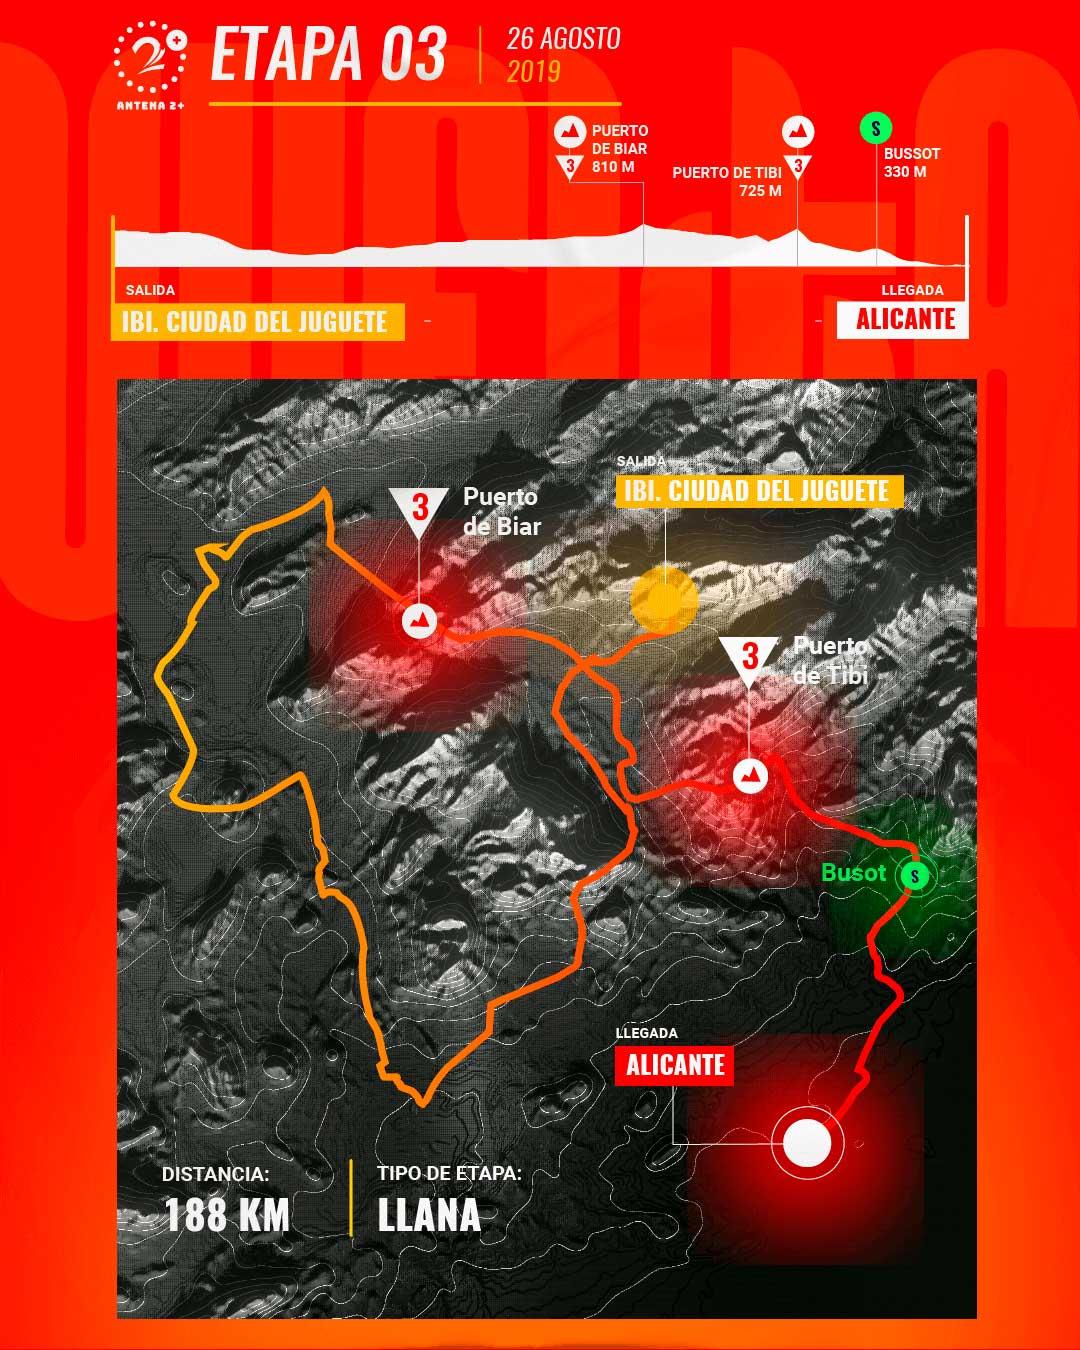 Etapa 3, Vuelta a España 2019